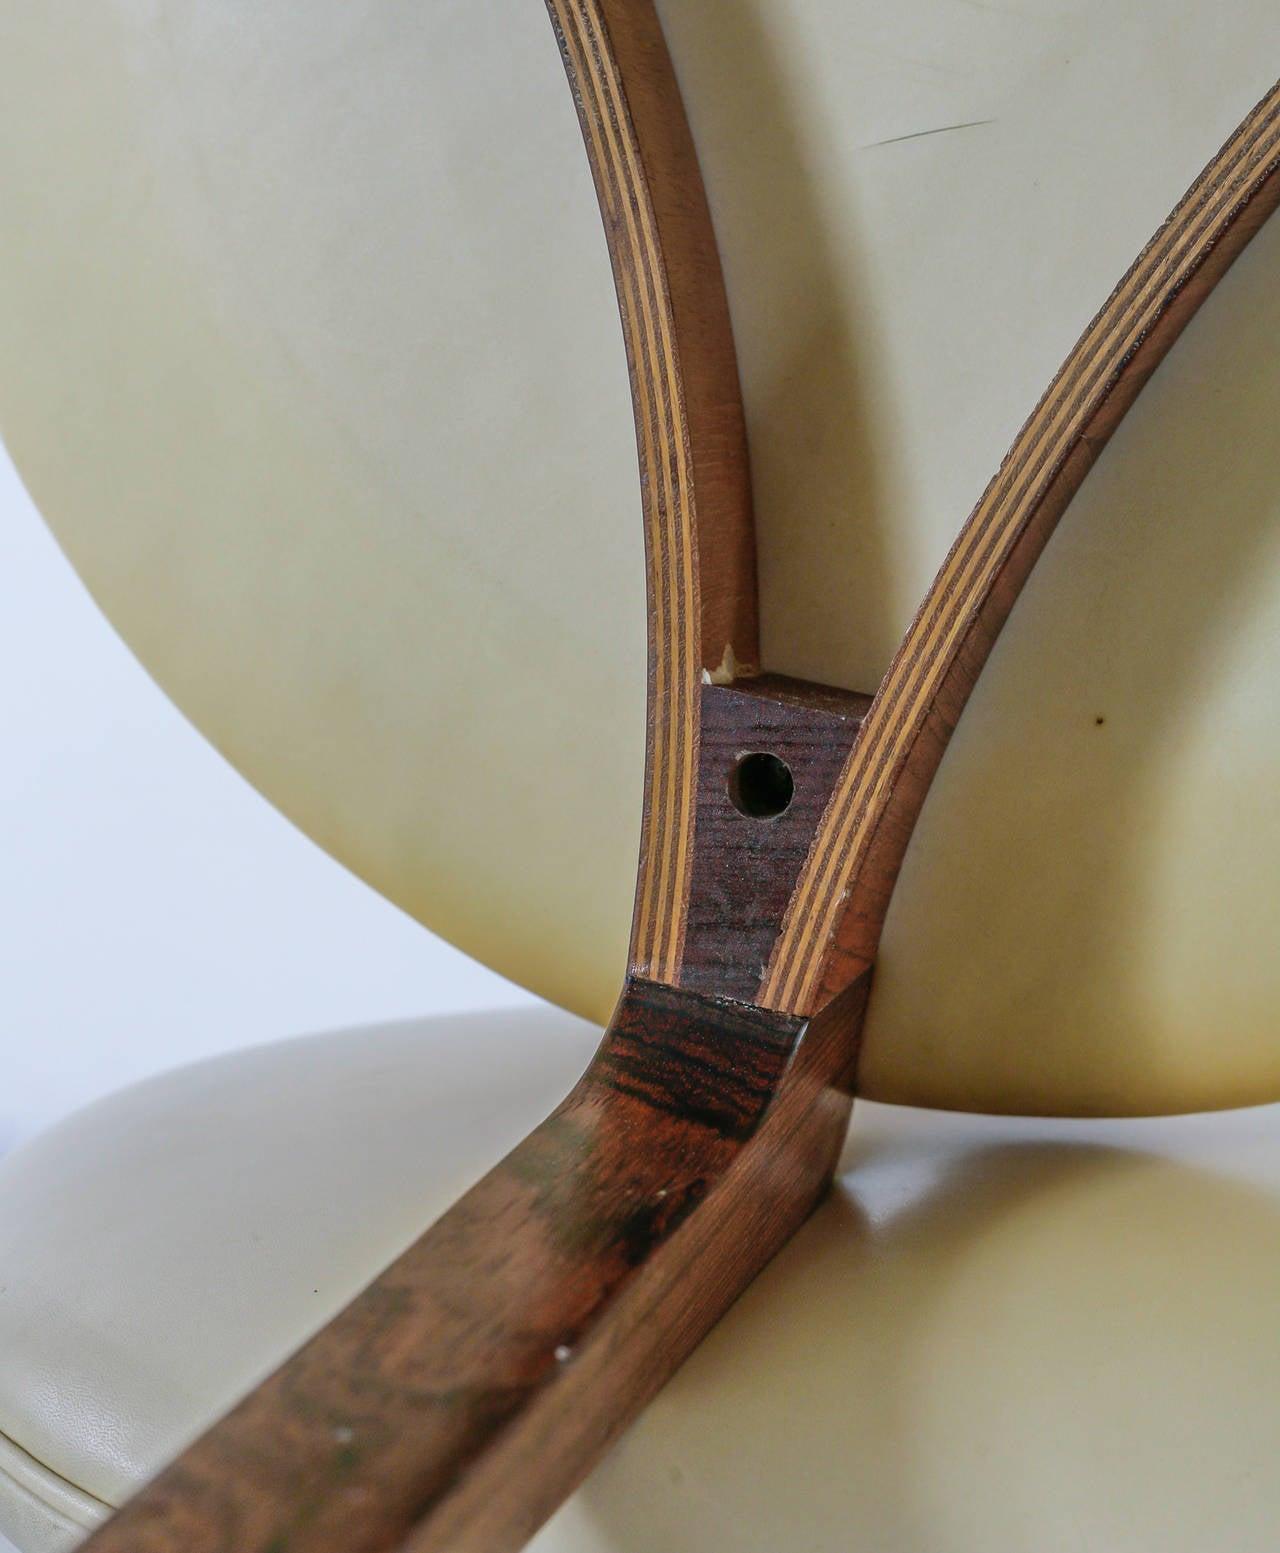 Leather Pair of Sven Ellekaer Stools, Chr. Linneberg Møbelfabrik, Denmark, 1960s For Sale